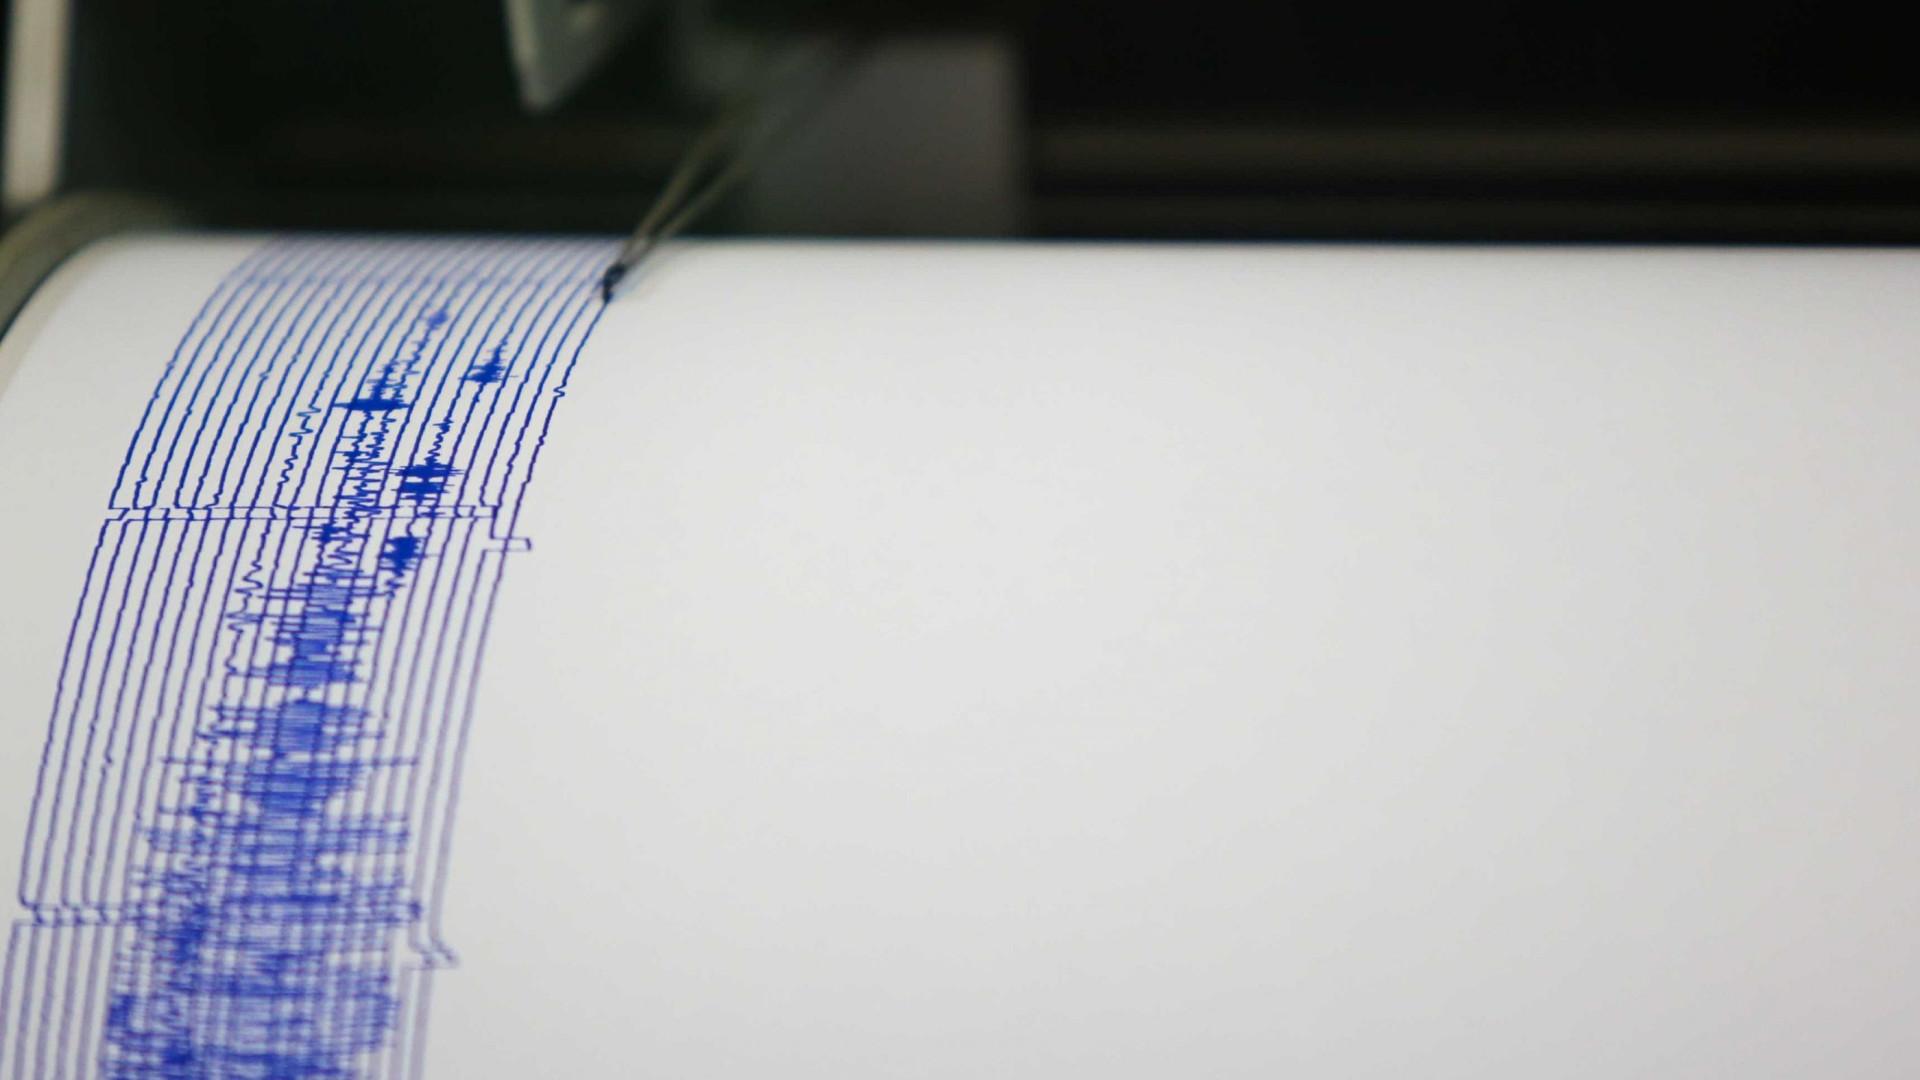 Sismo com magnitude de 2.1 registado nos Açores